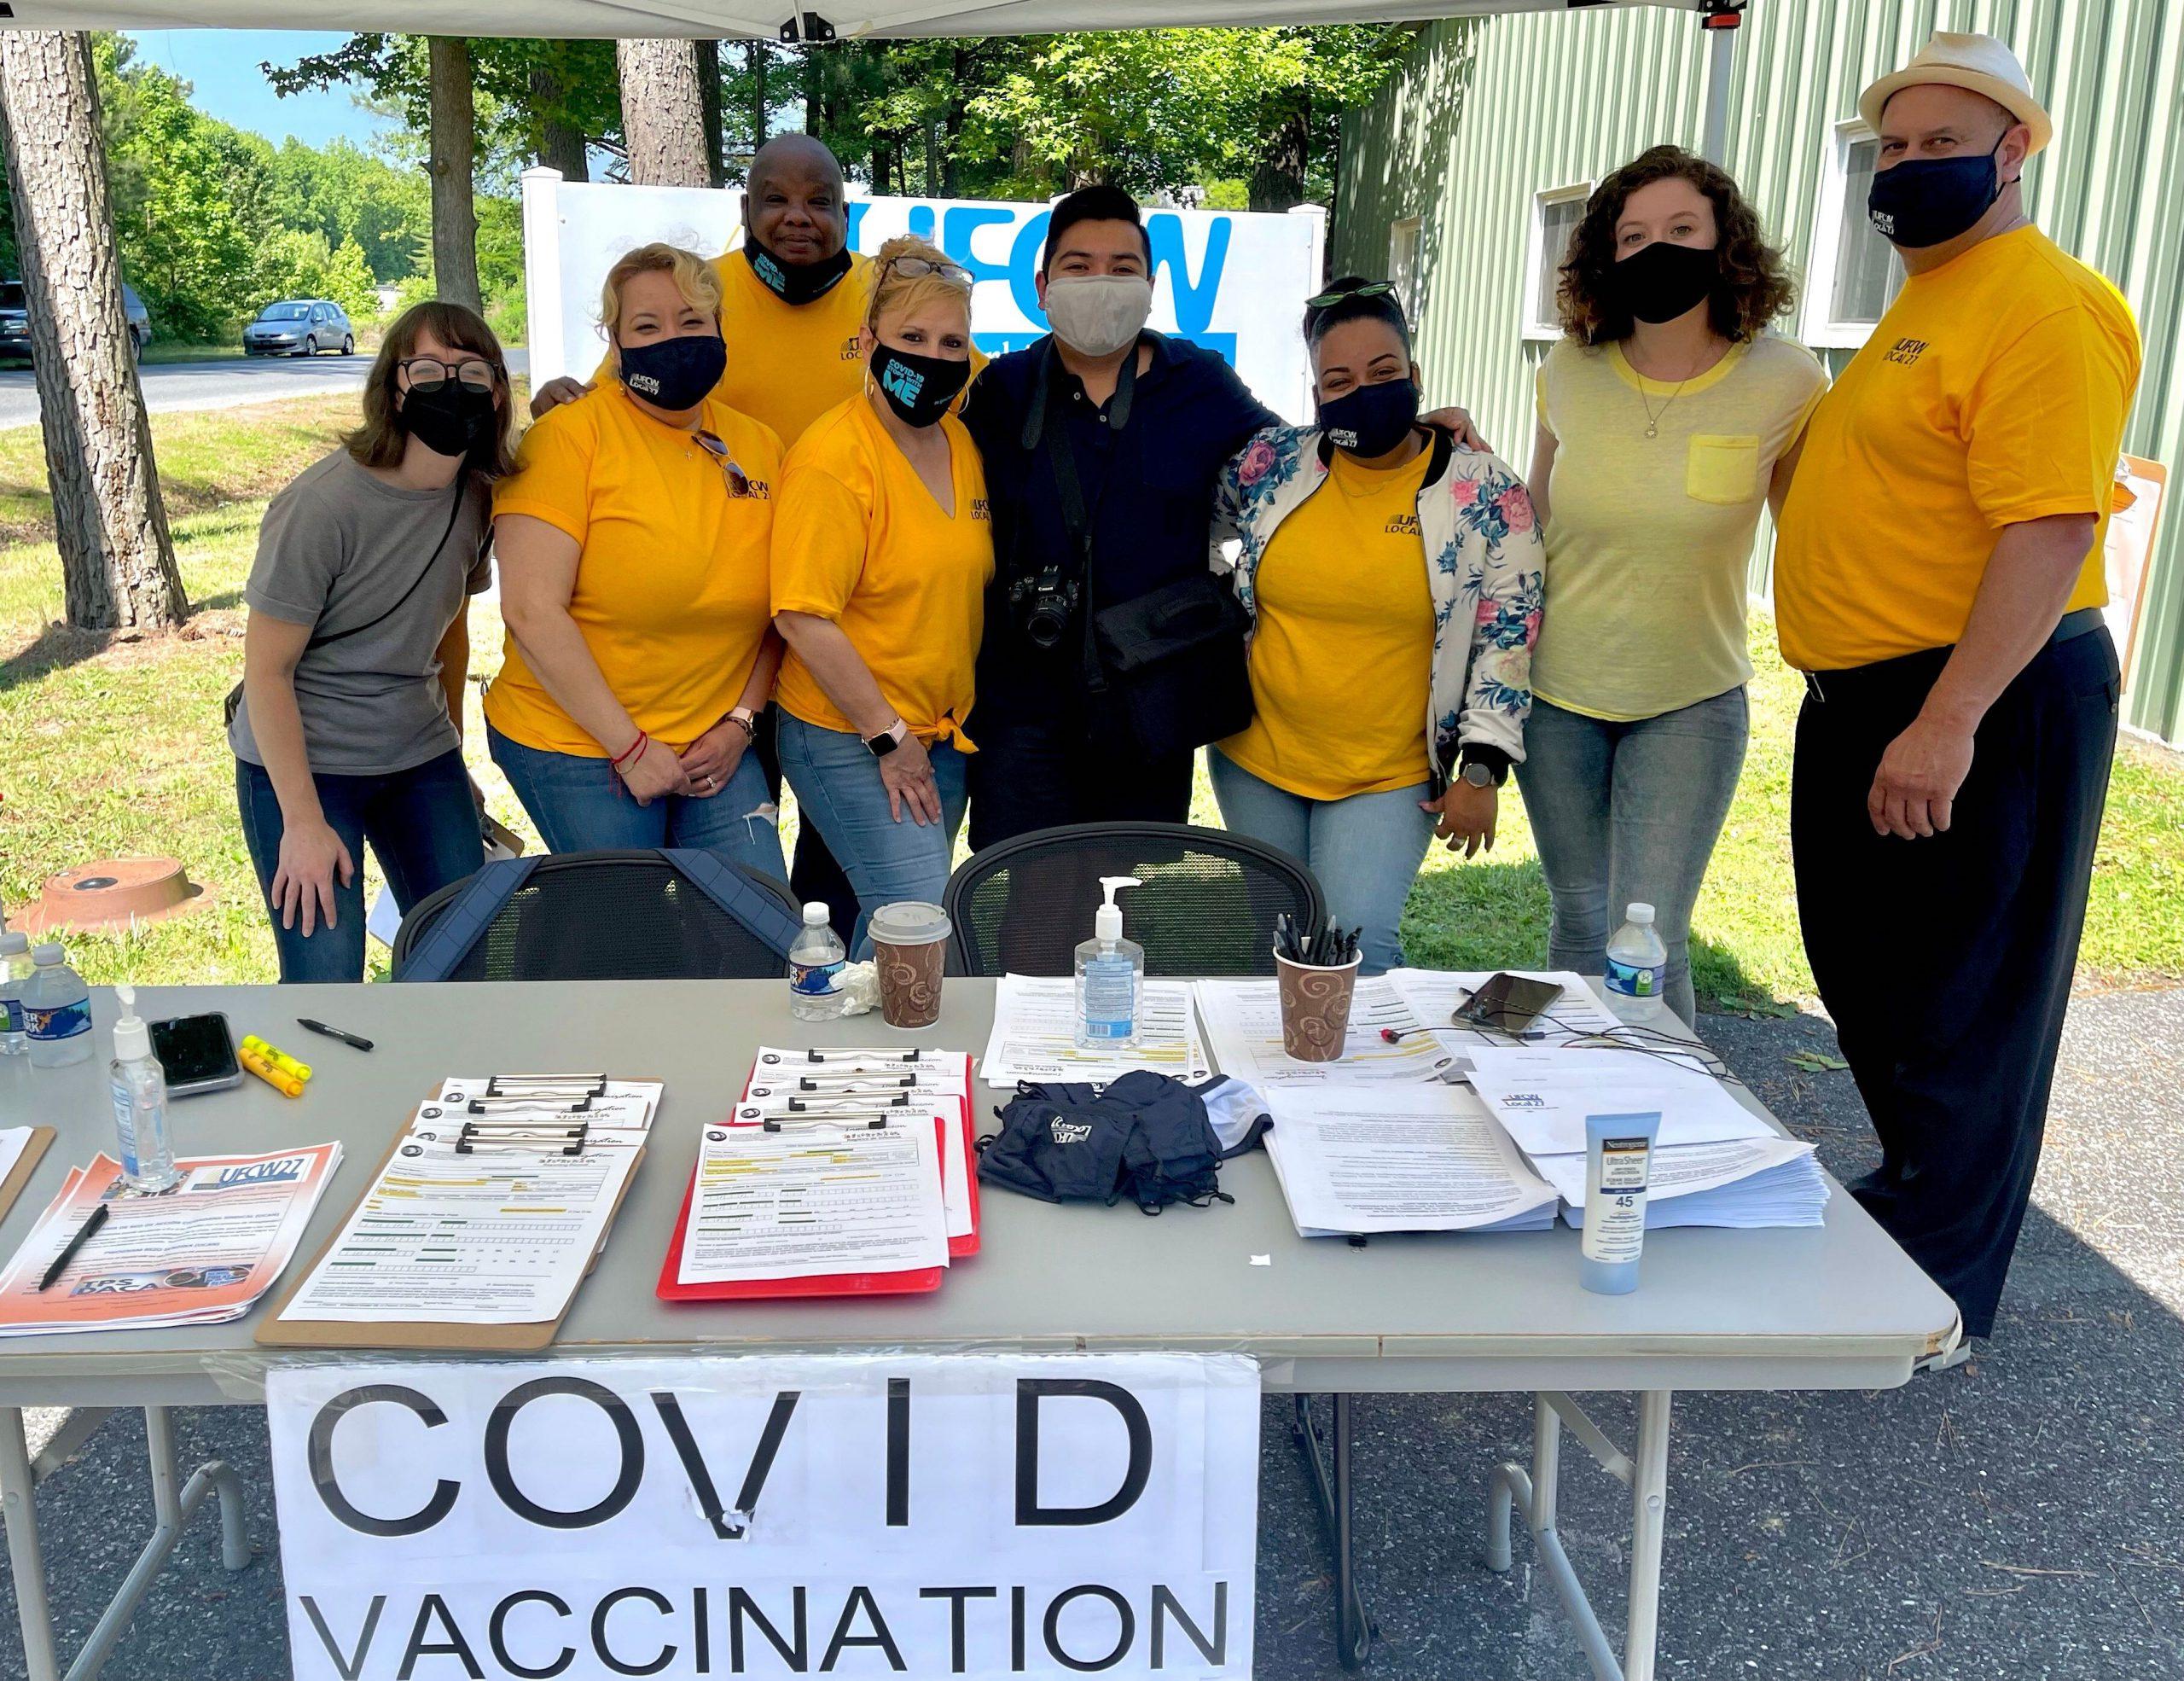 站在COVID疫苗接种桌前的戴着口罩的一群成年人